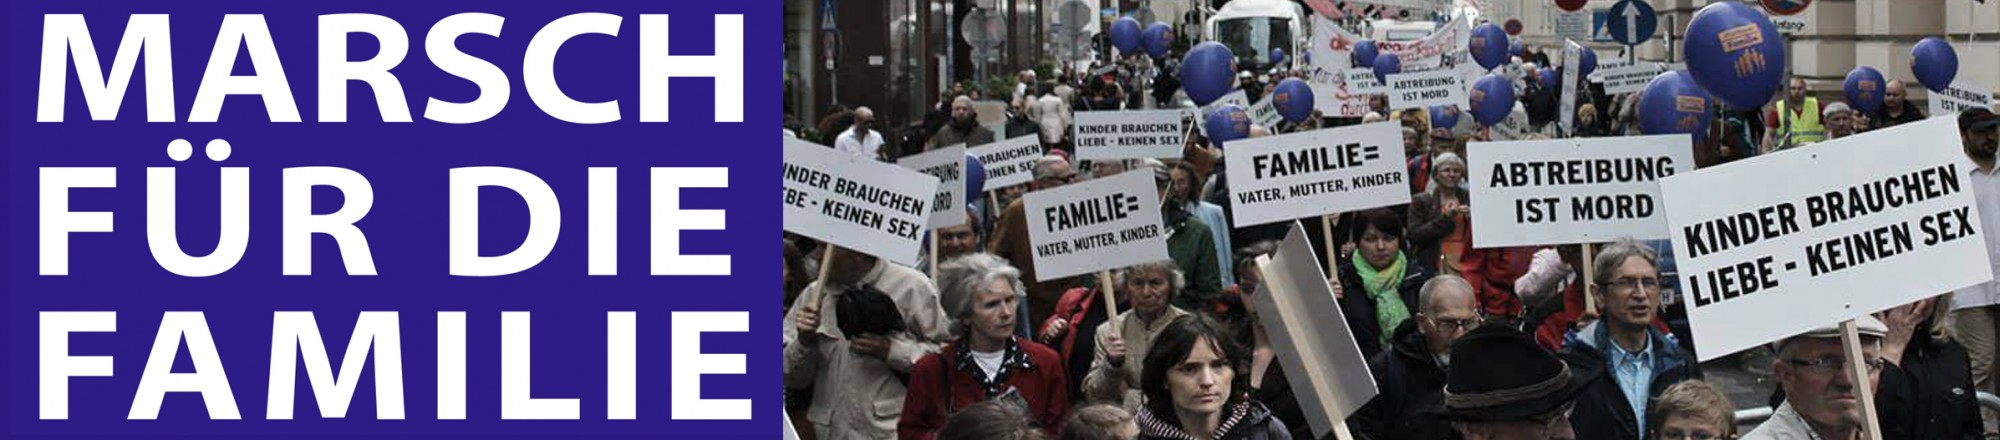 Marsch für die Familie